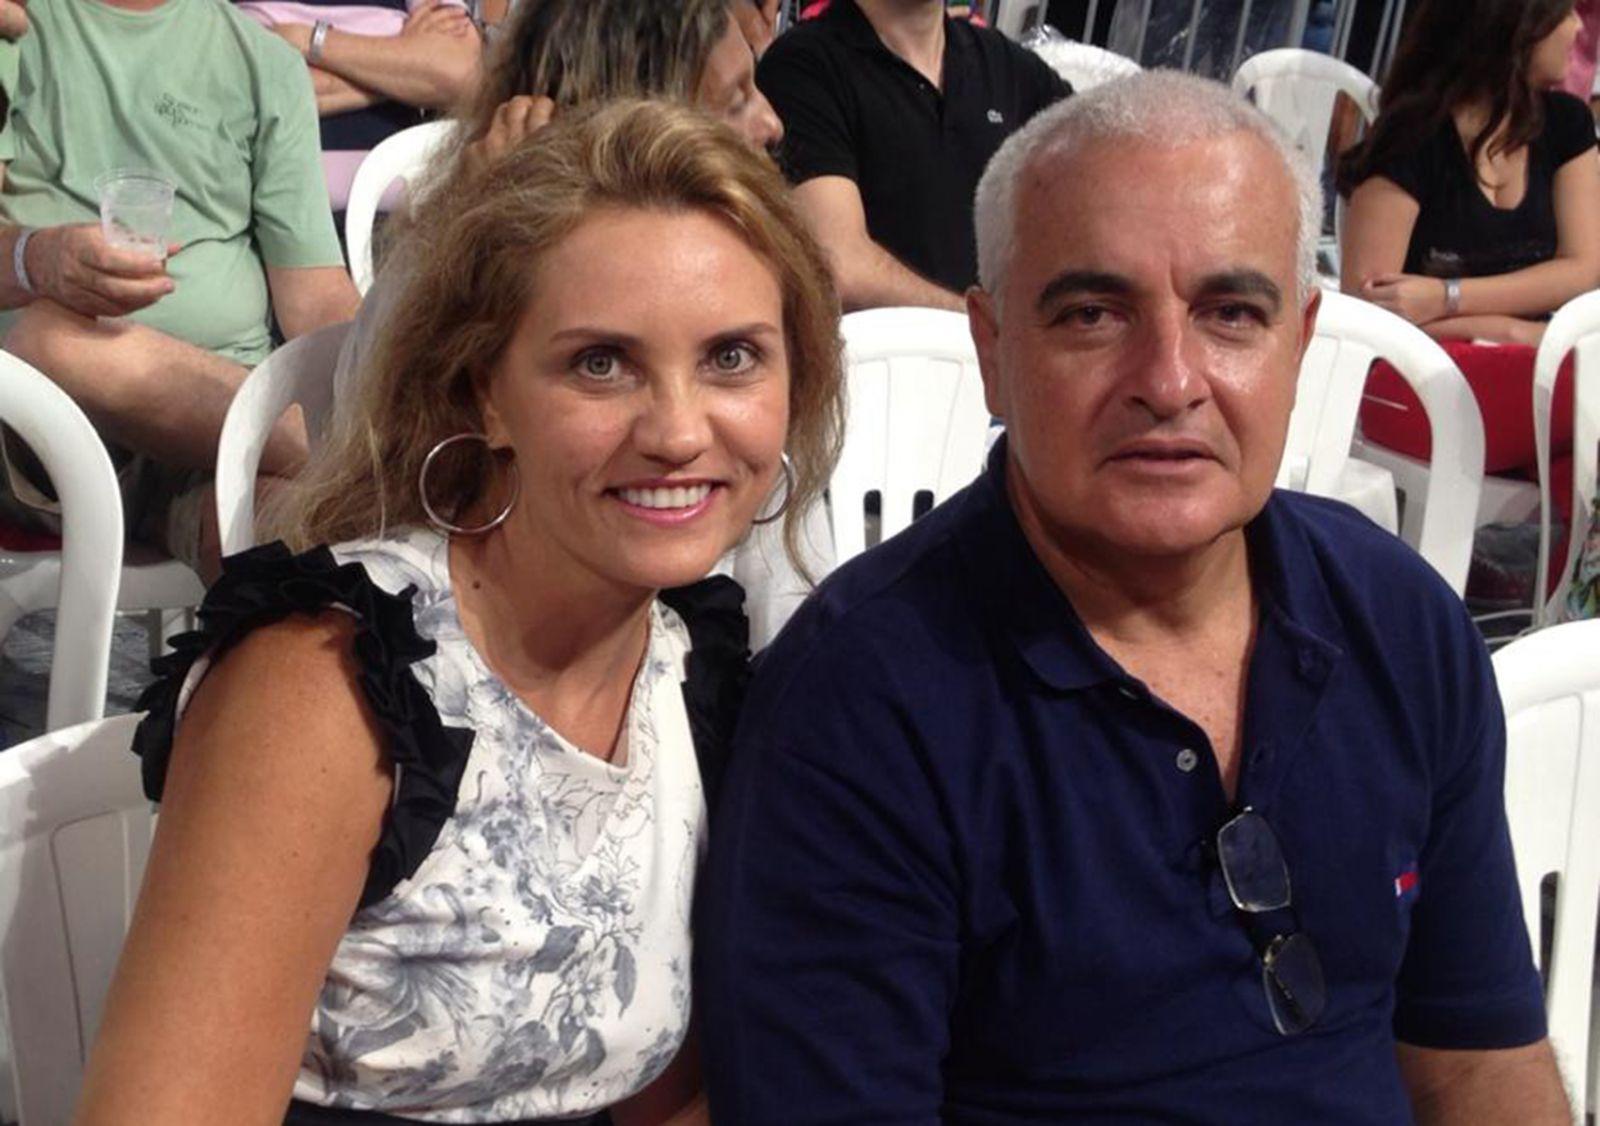 Carlos Rodolfo Neves é o aniversariante de hoje dia 19 de junho na foto ele está com a esposa Nilma Neves